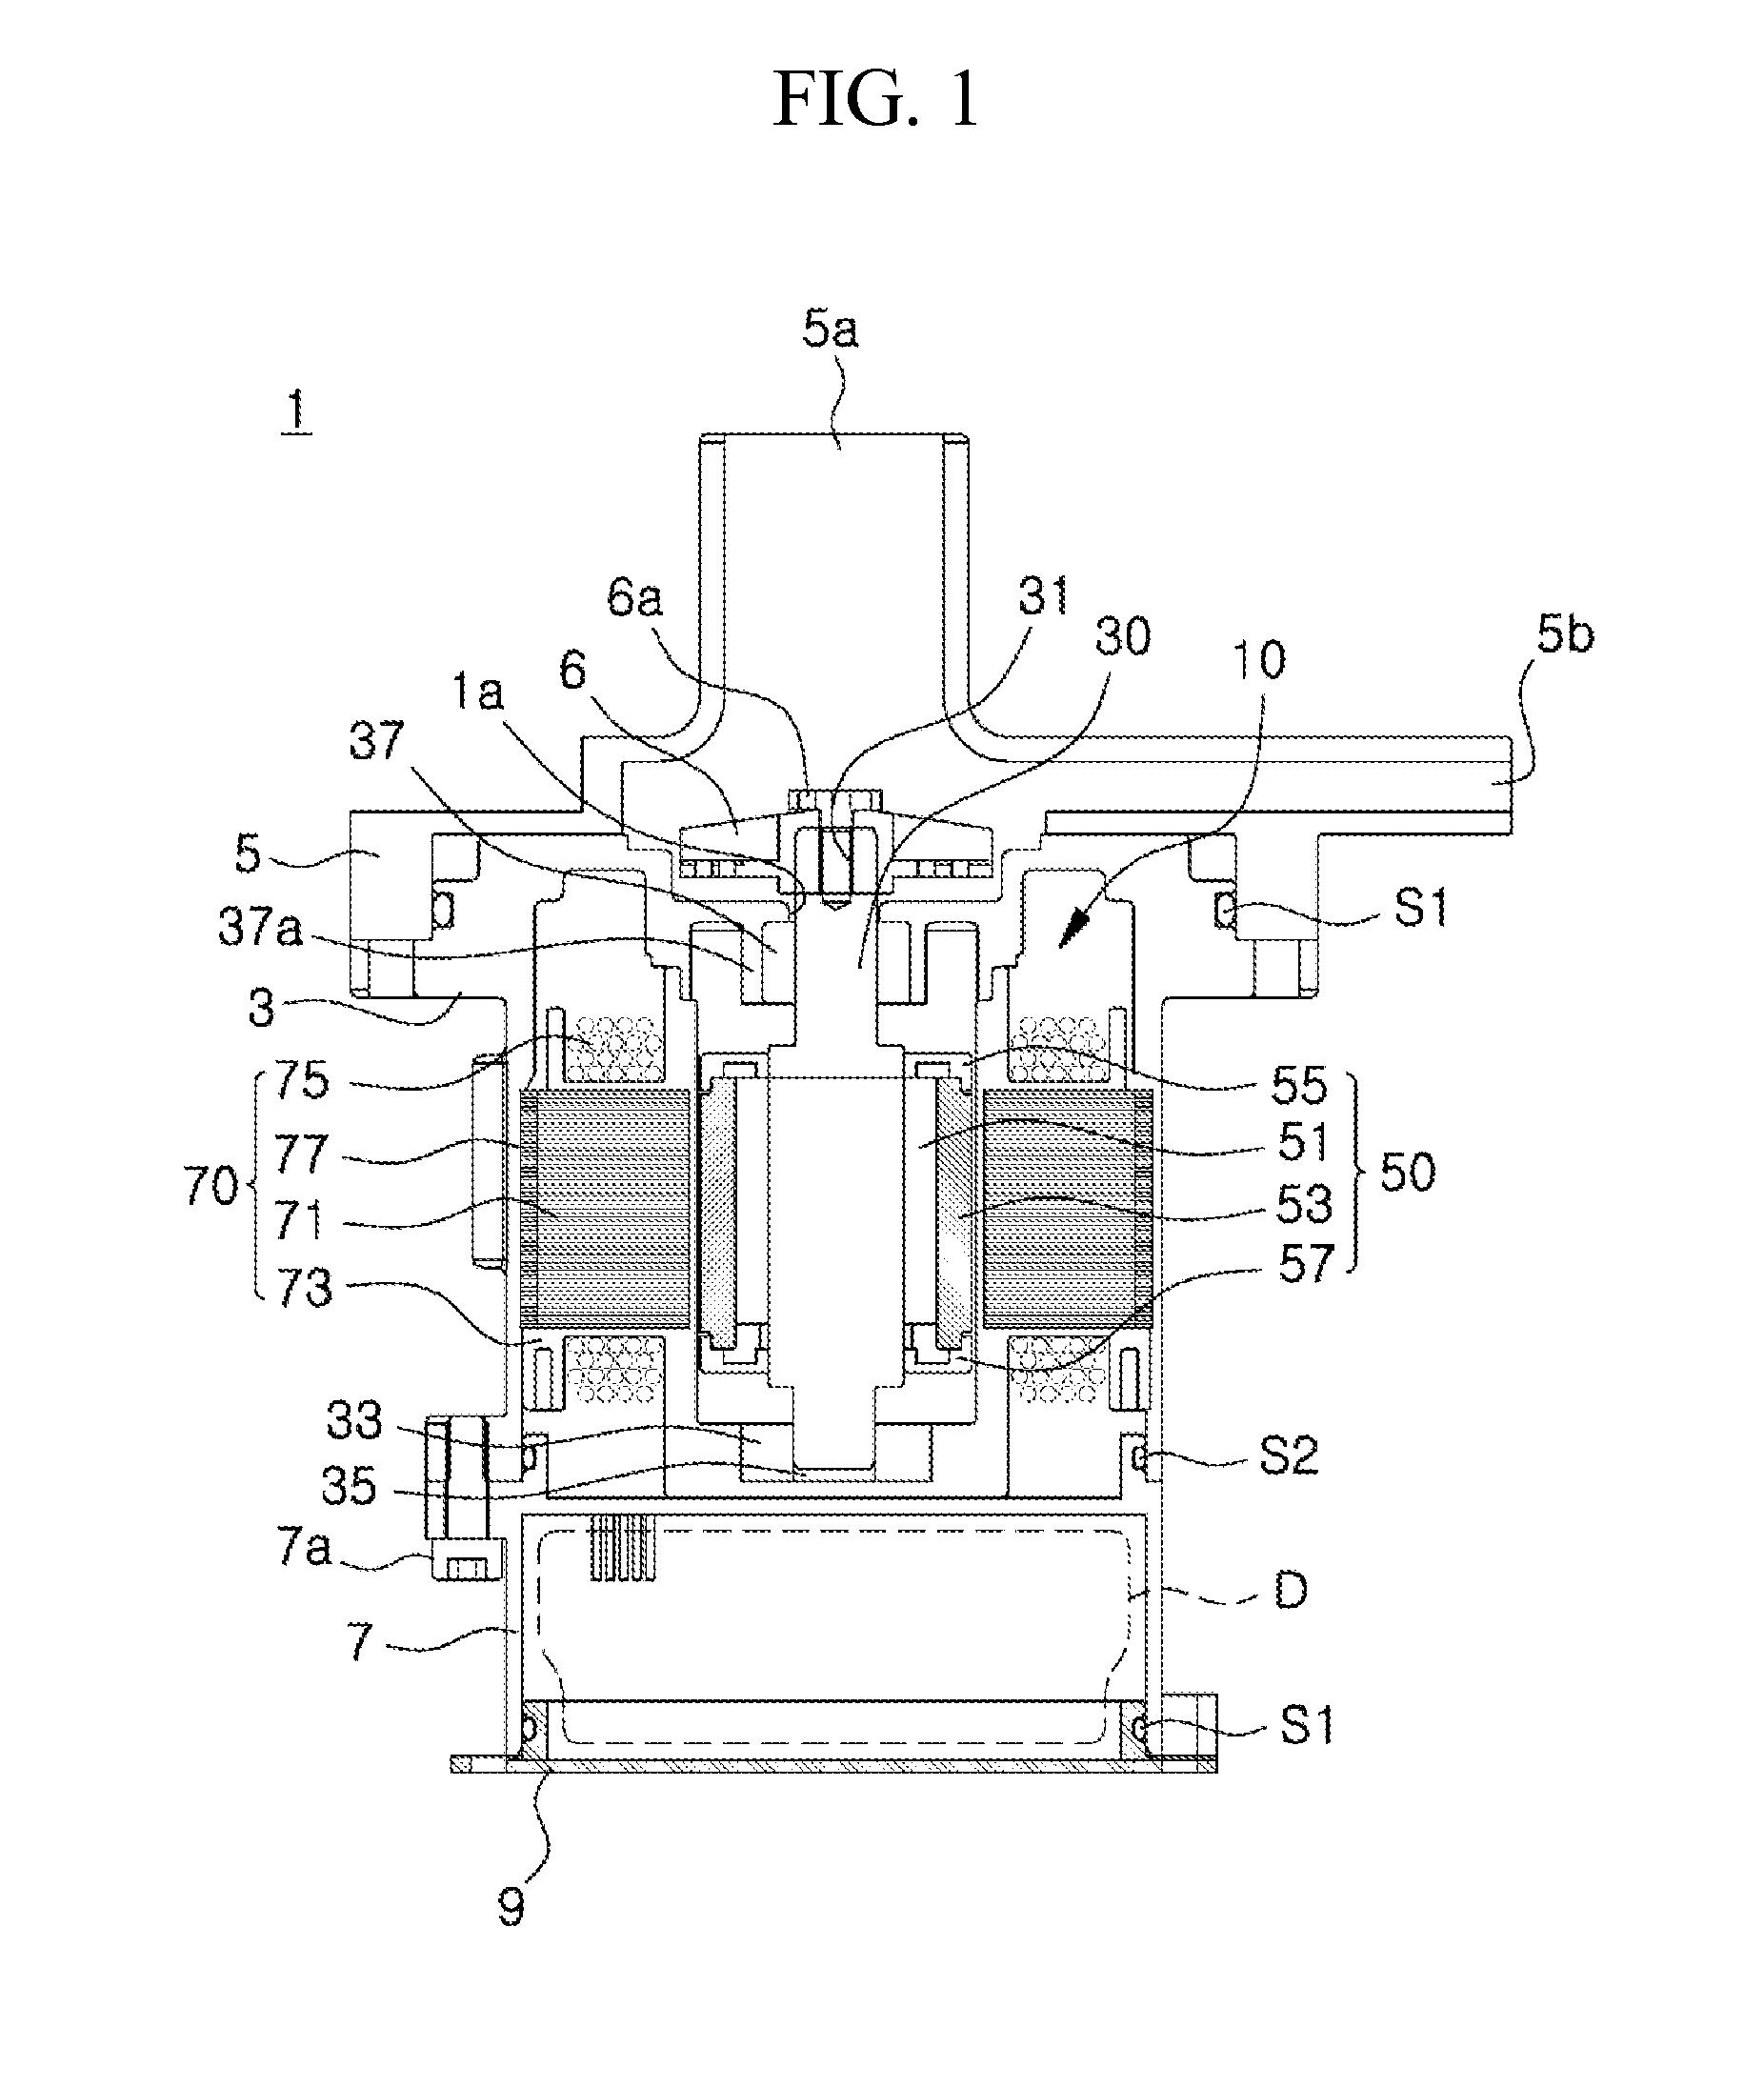 Circulating pump wiring diagram circulating get free image about wiring diagram